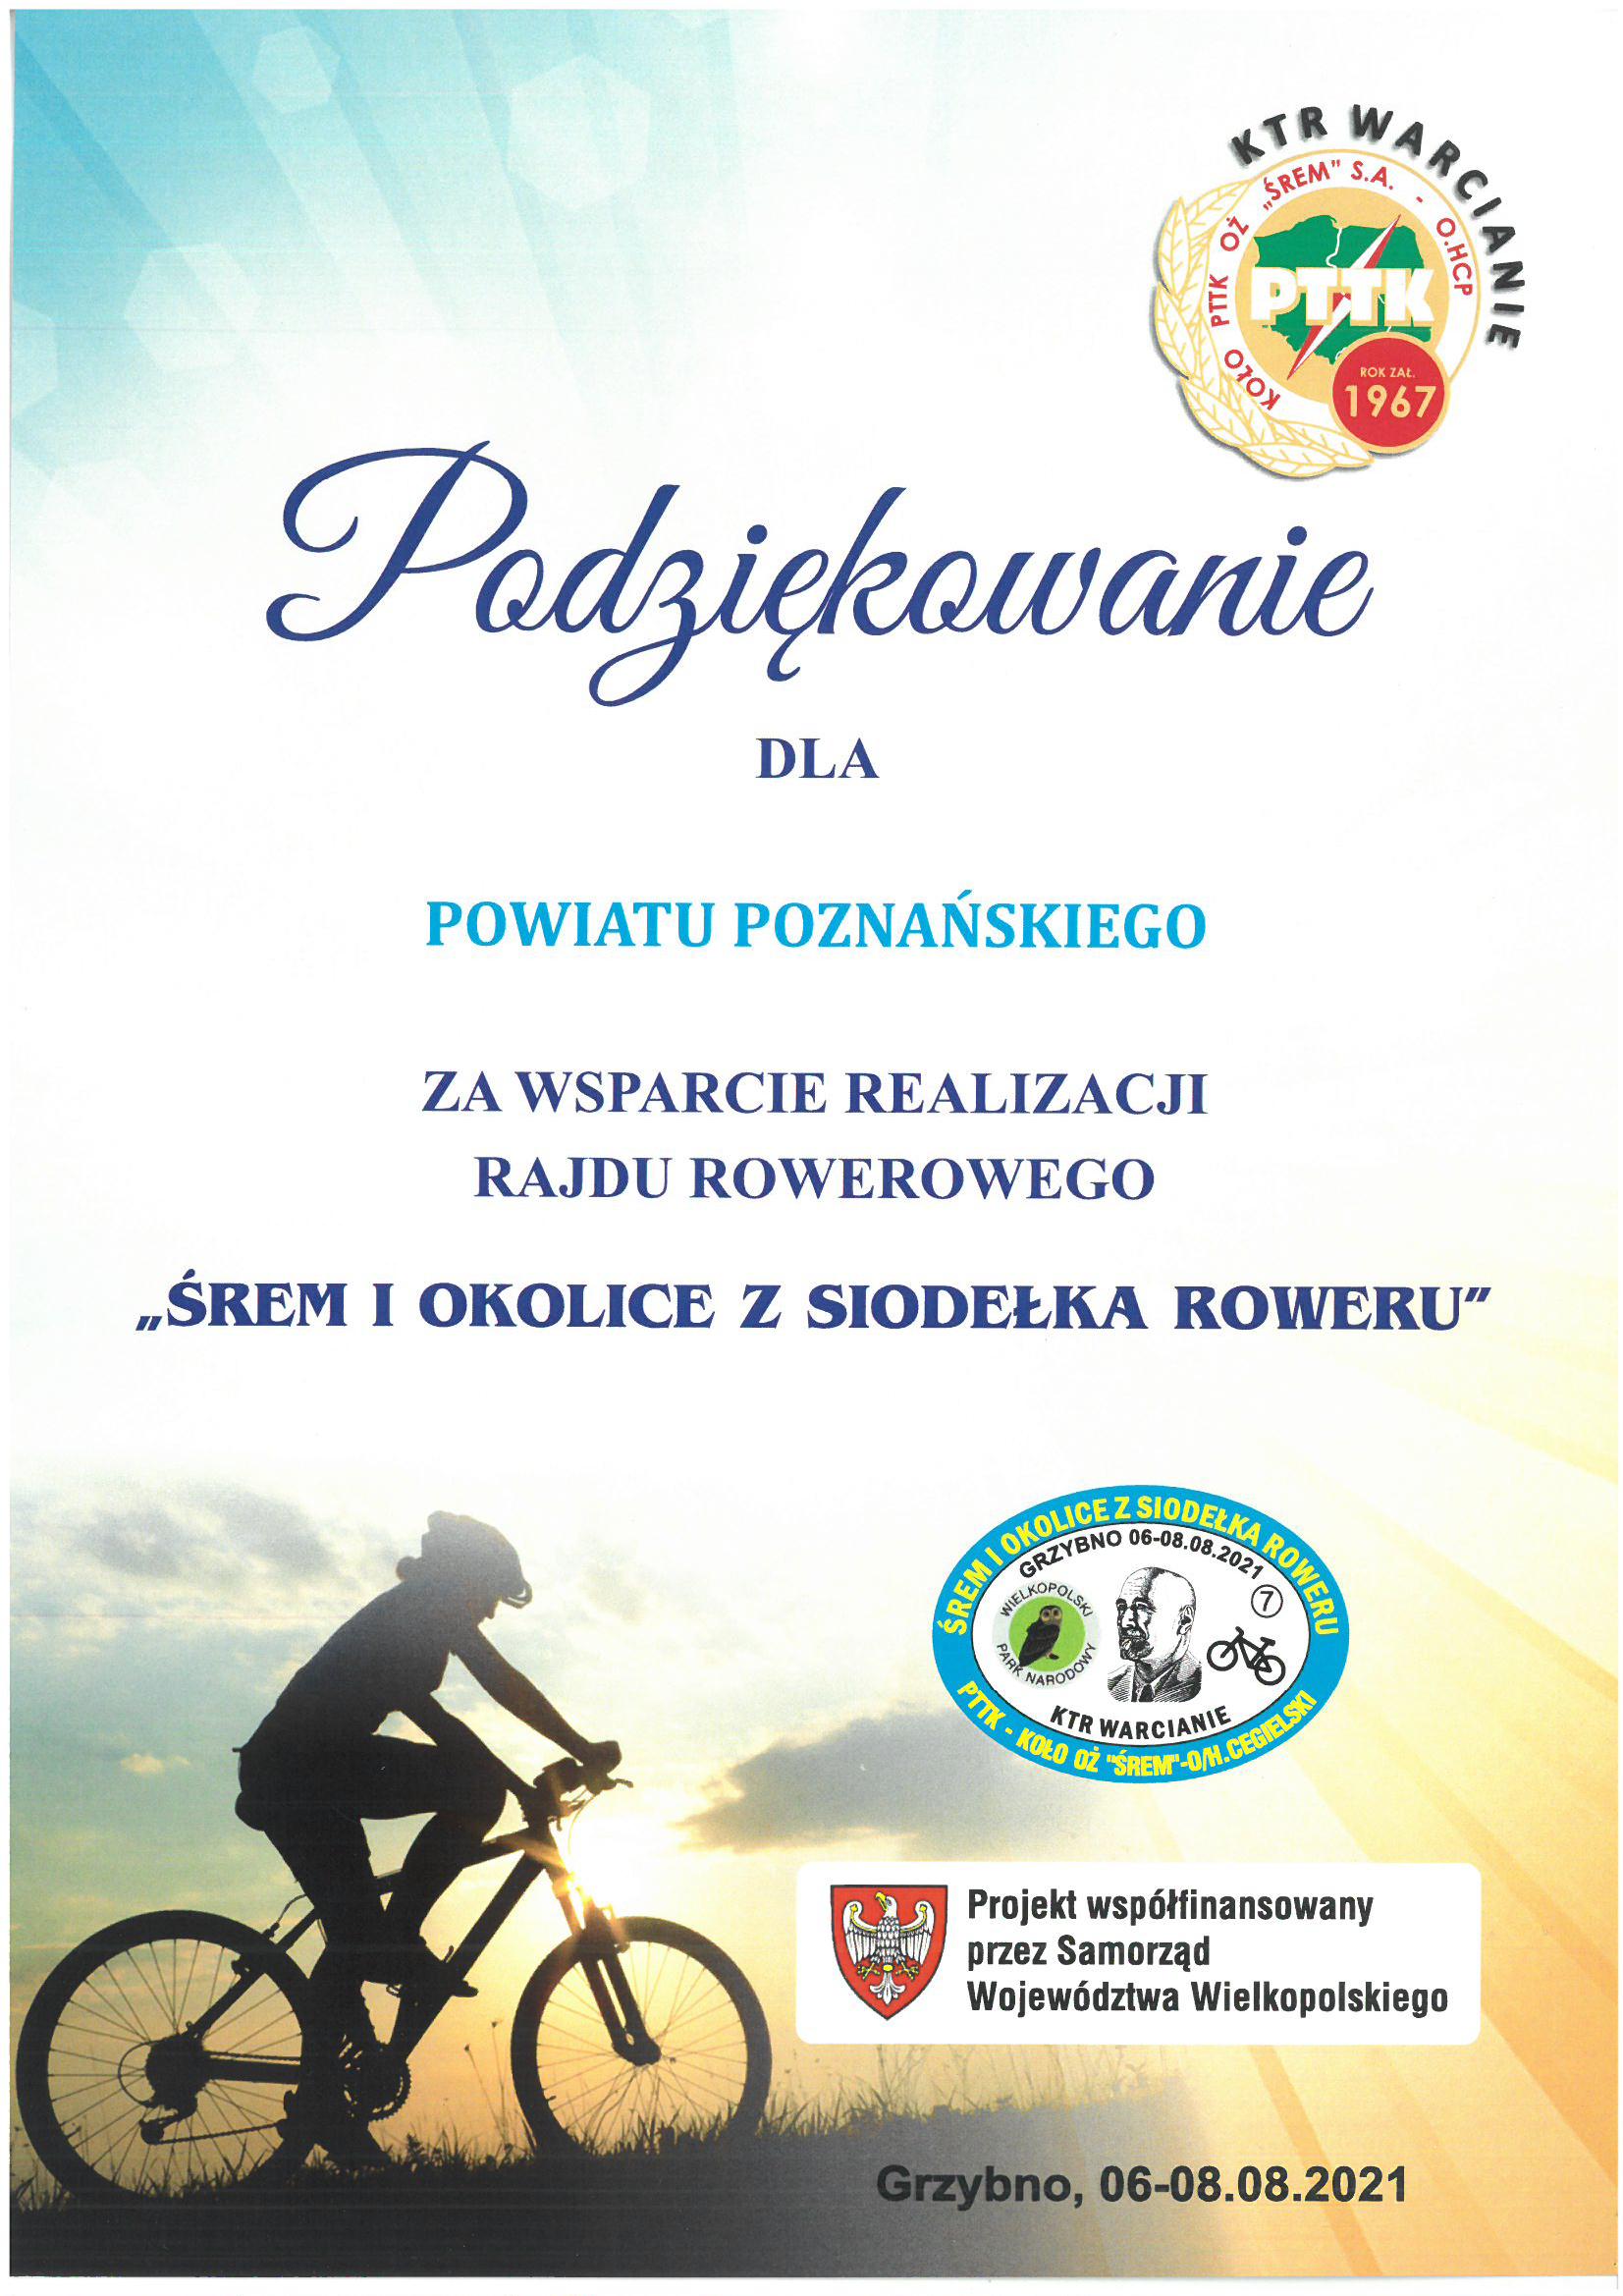 podziękoiwanie dla powiatu za wsparcie rajdu rowerowego